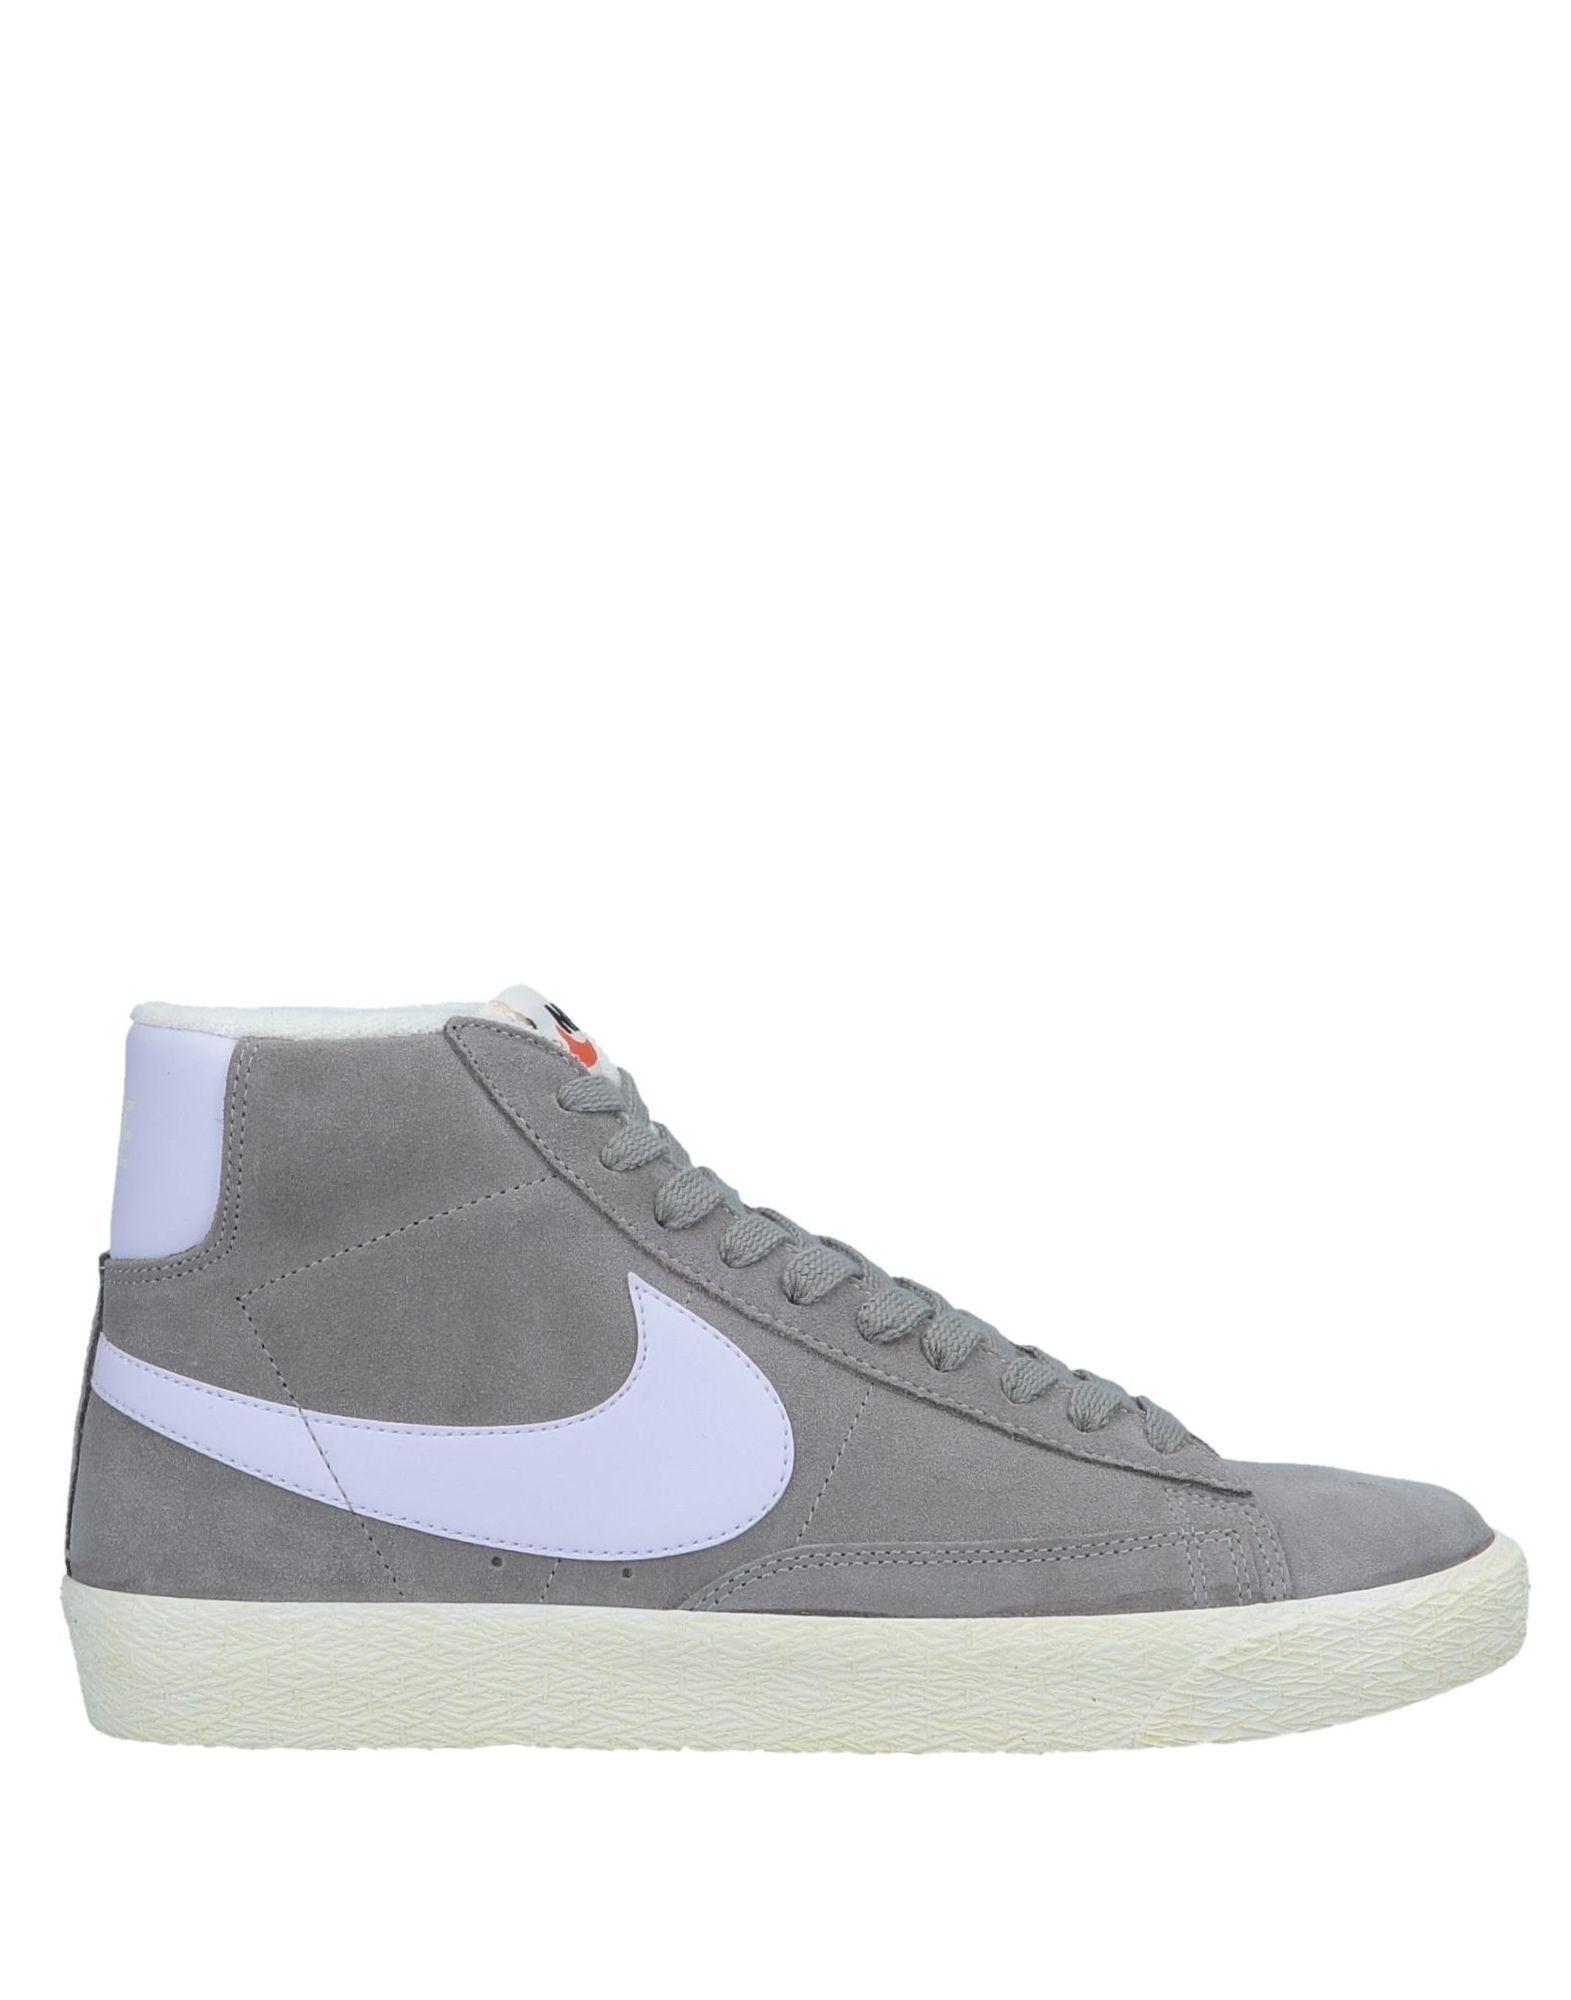 Nike Sneakers Nike Grigio Sneakers Nike Grigio Sneakers Grigio 7q7rnOv